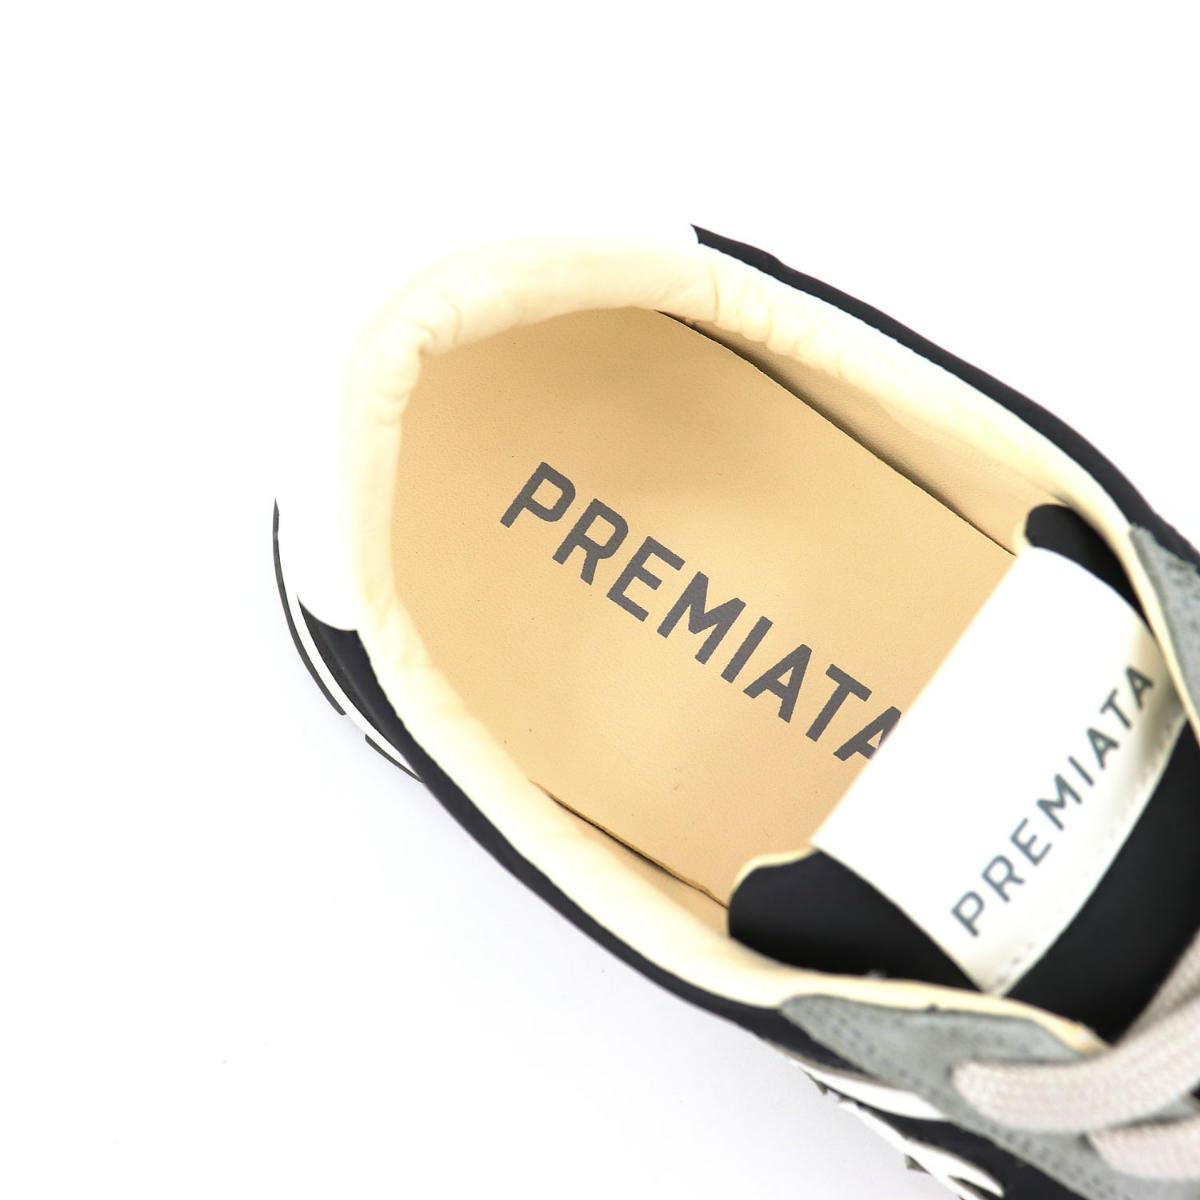 プレミアータホワイト PREMIATA WHITE メンズ ナイロン スエード ローカットスニーカー JOHN LOW PRH BK/GY(ブラック) 春夏新作